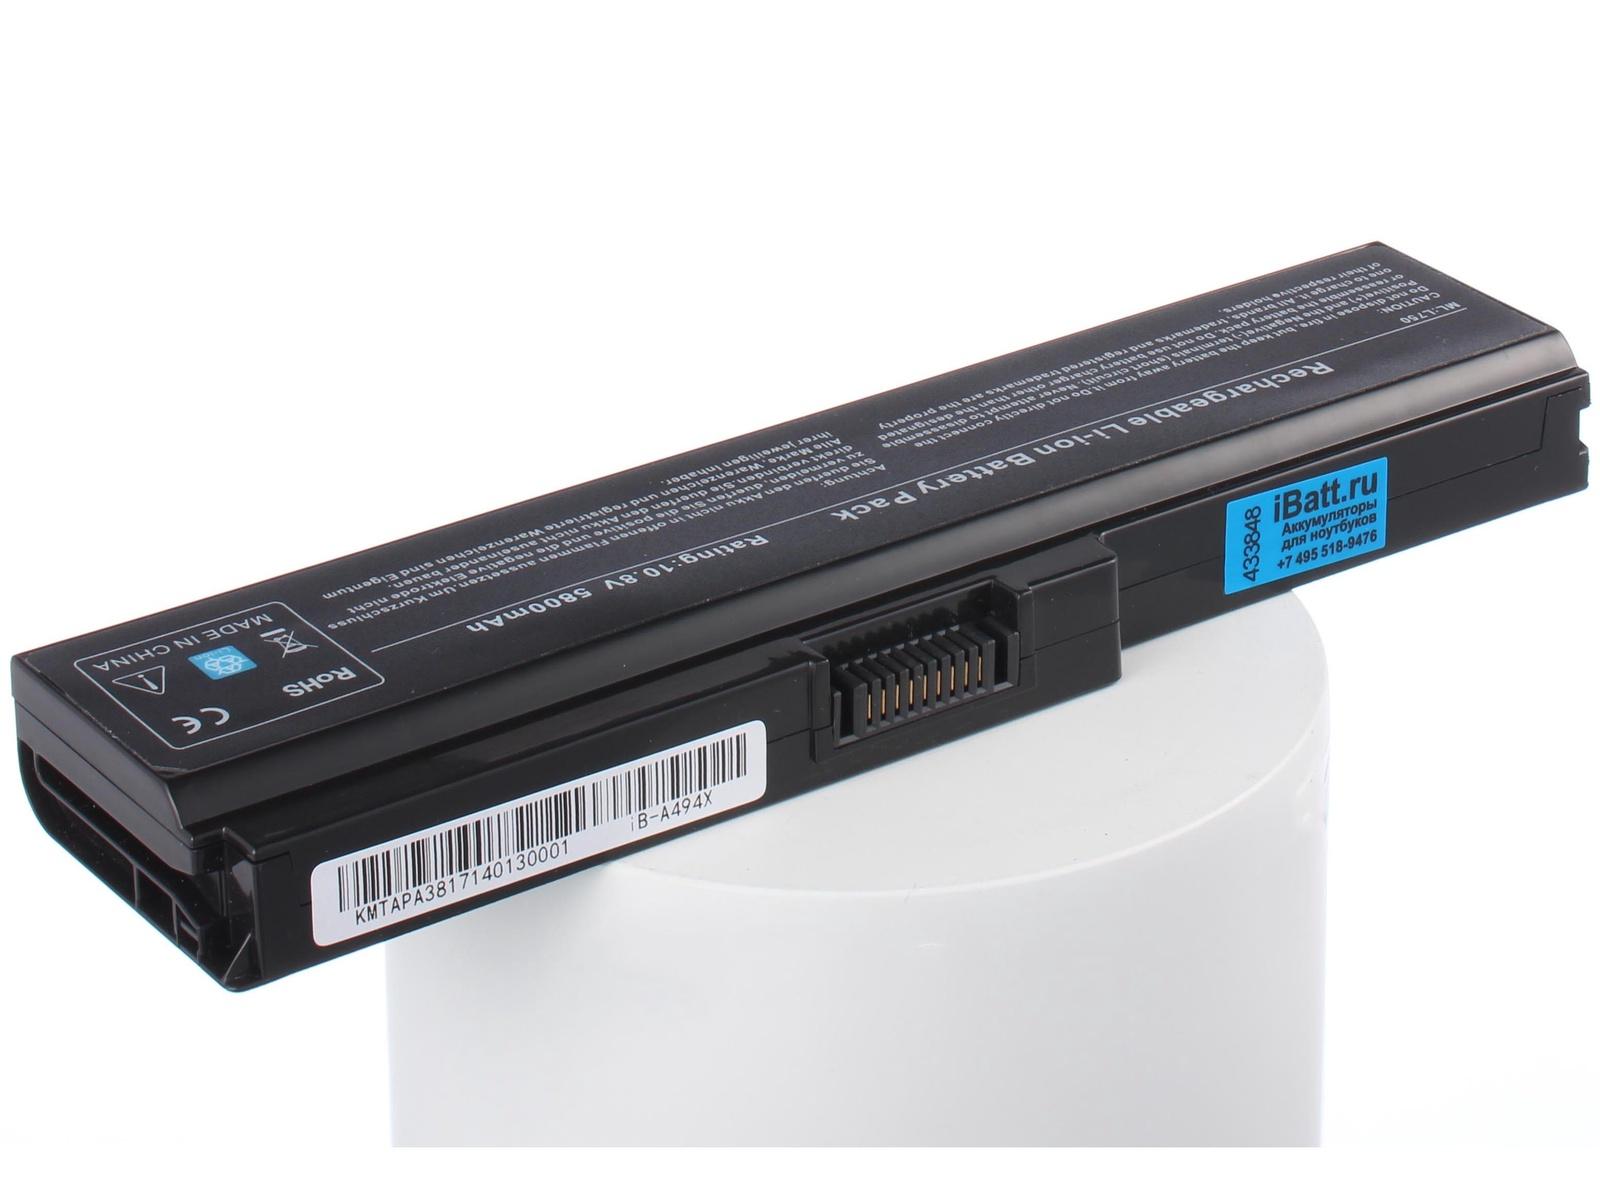 Аккумулятор для ноутбука iBatt для ToshiBa Satellite L655, Satellite L650D, Satellite L650, Satellite A660, Satellite L750D, Satellite L675D, Satellite L650D-120, Satellite L635, Satellite L670, Satellite A665